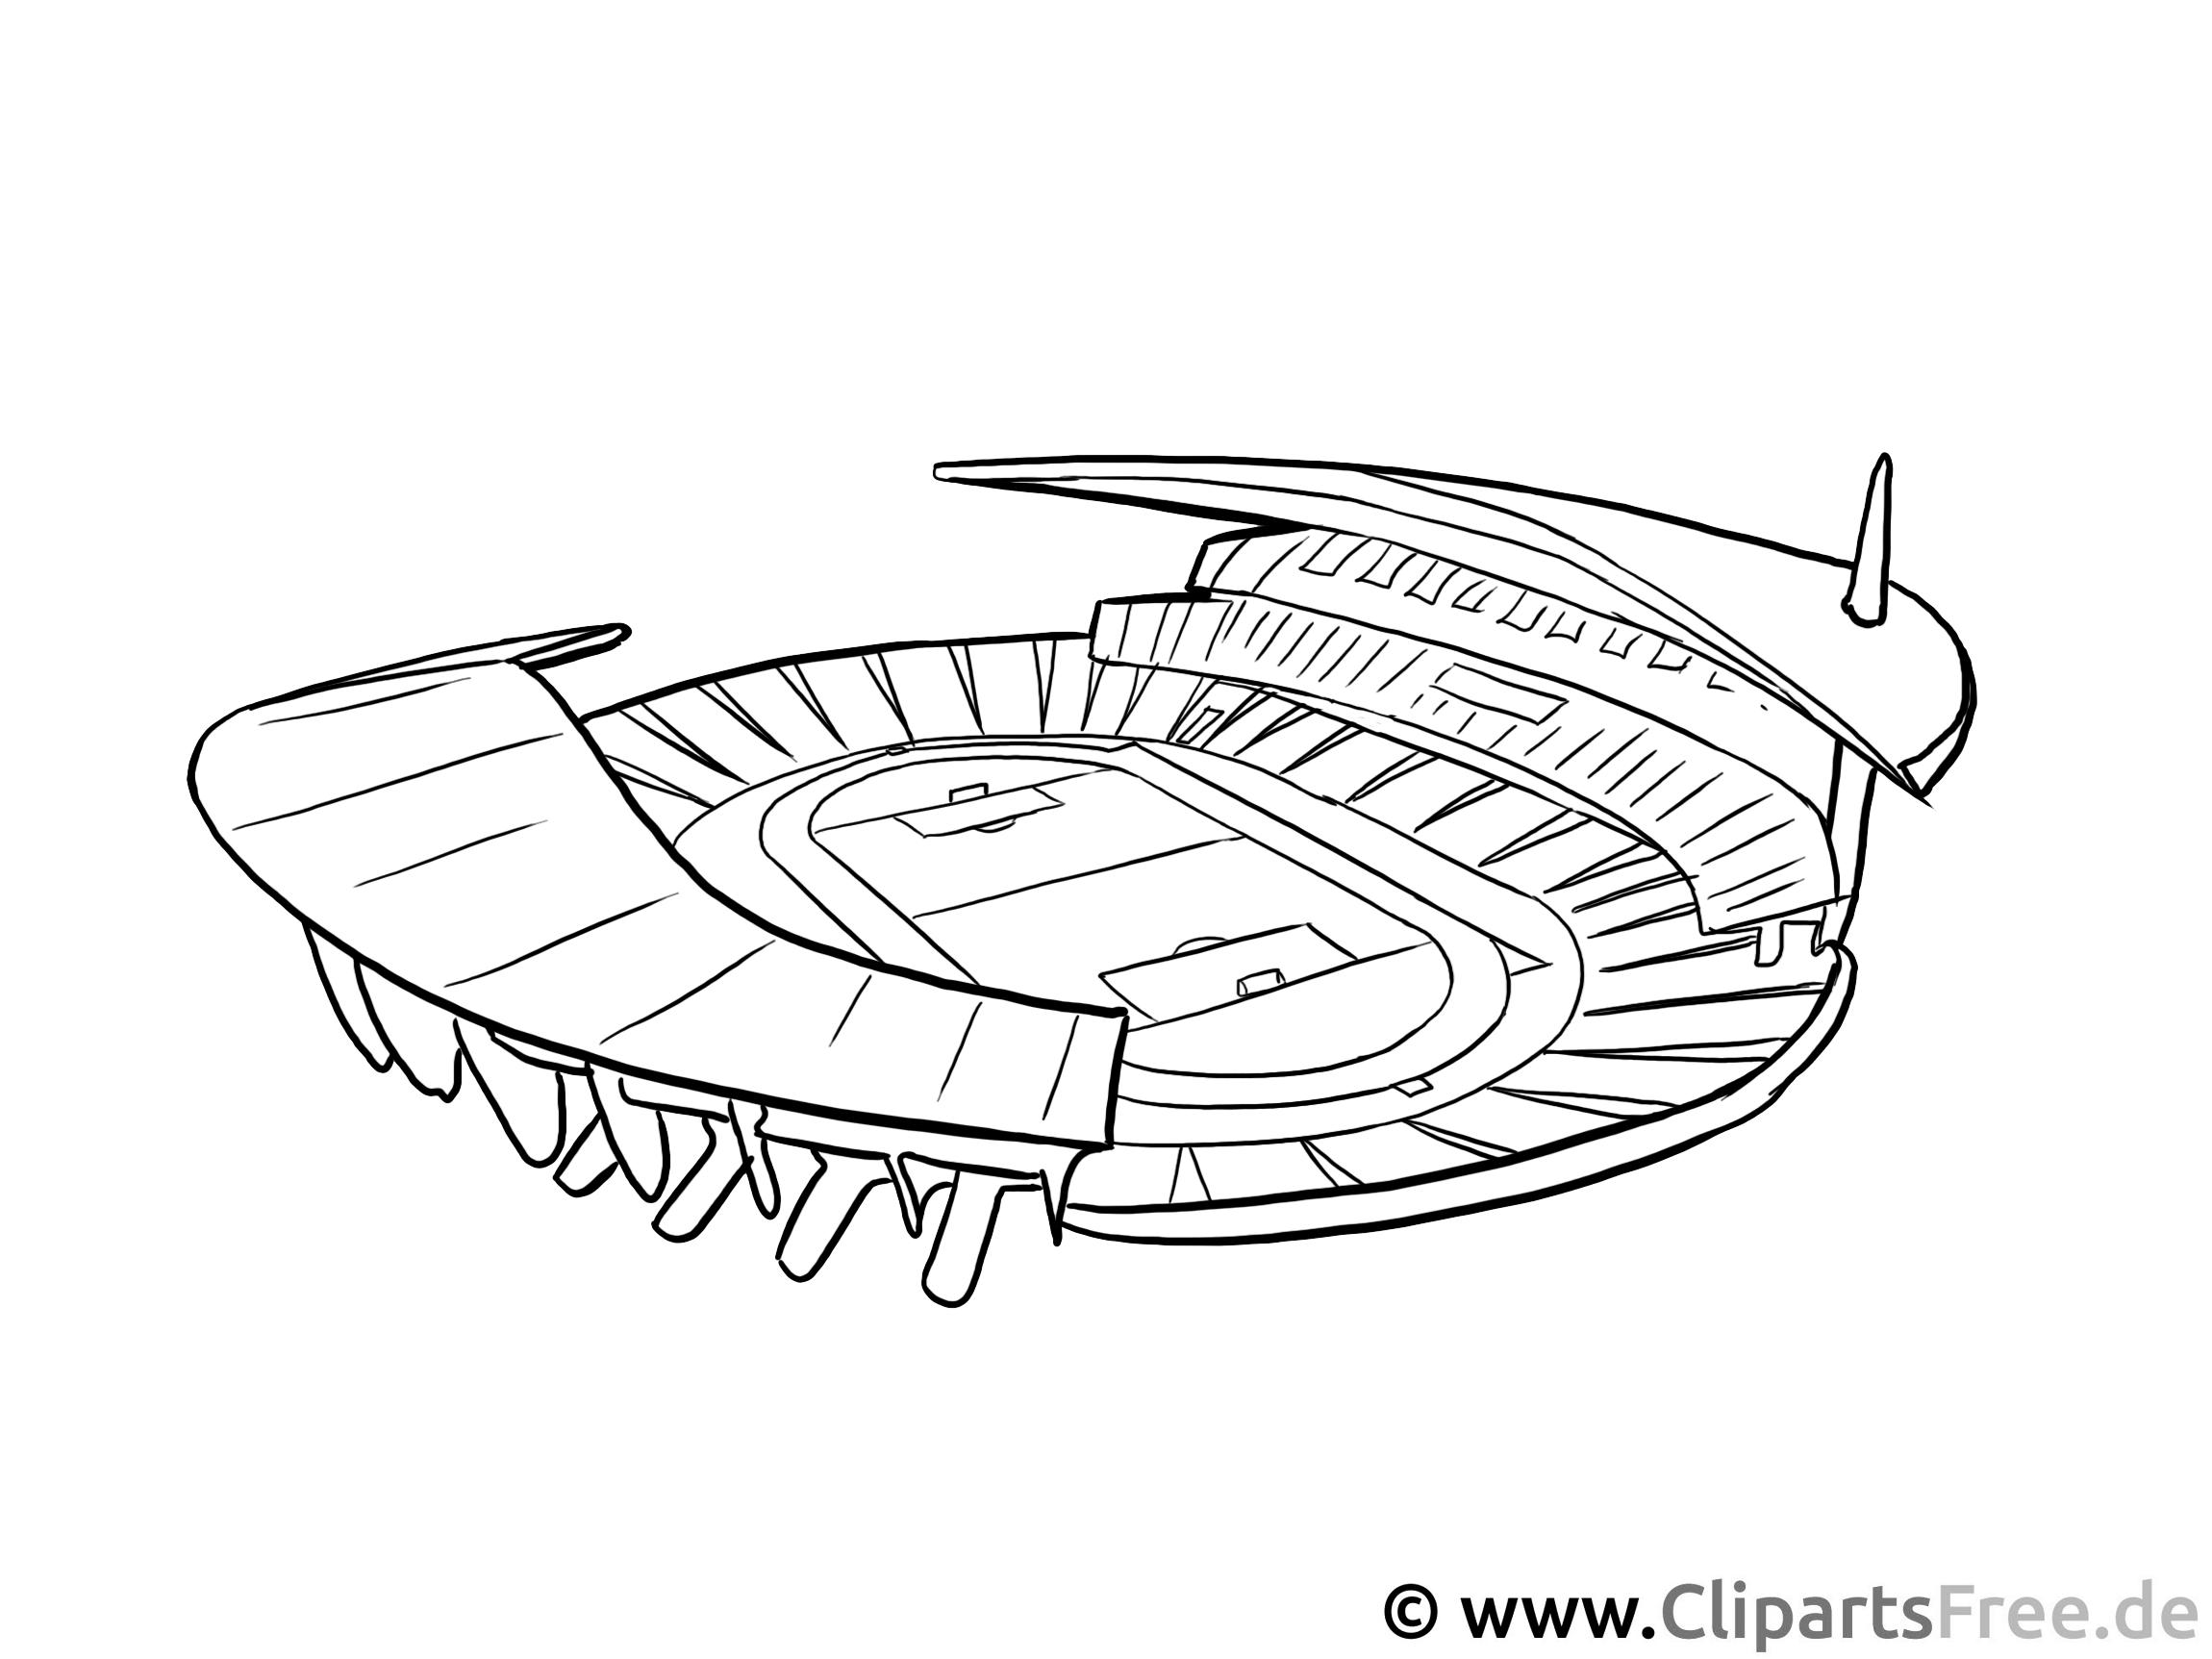 Fussball-Stadion - Kostenlose Malvorlagen, Ausmalbilder, Bastelarbeiten, Zeichnungen